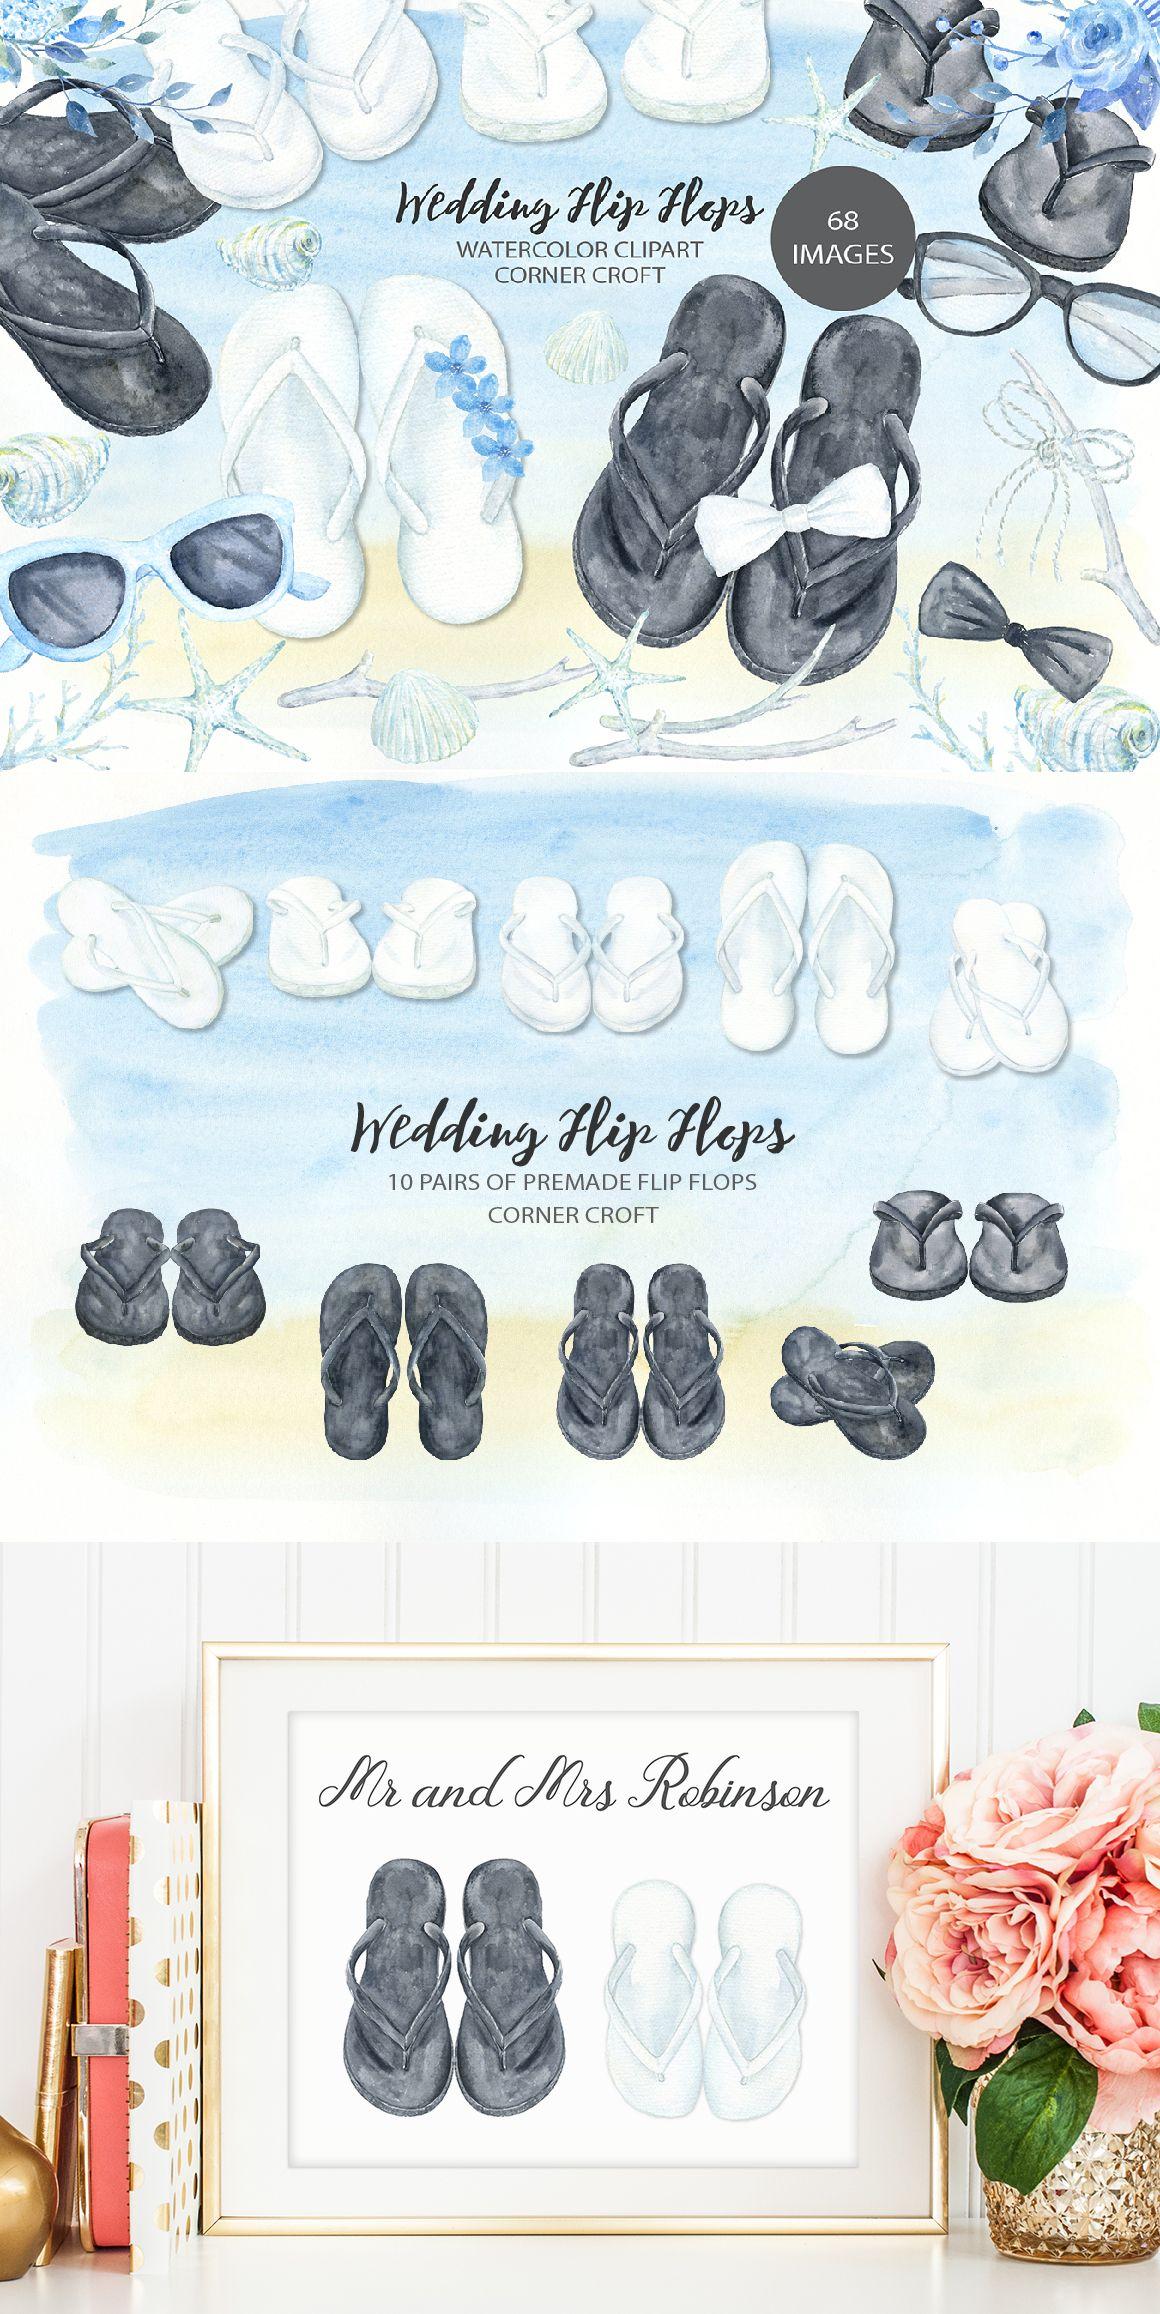 bd510ba1875c5a Watercolor wedding sandals clipart